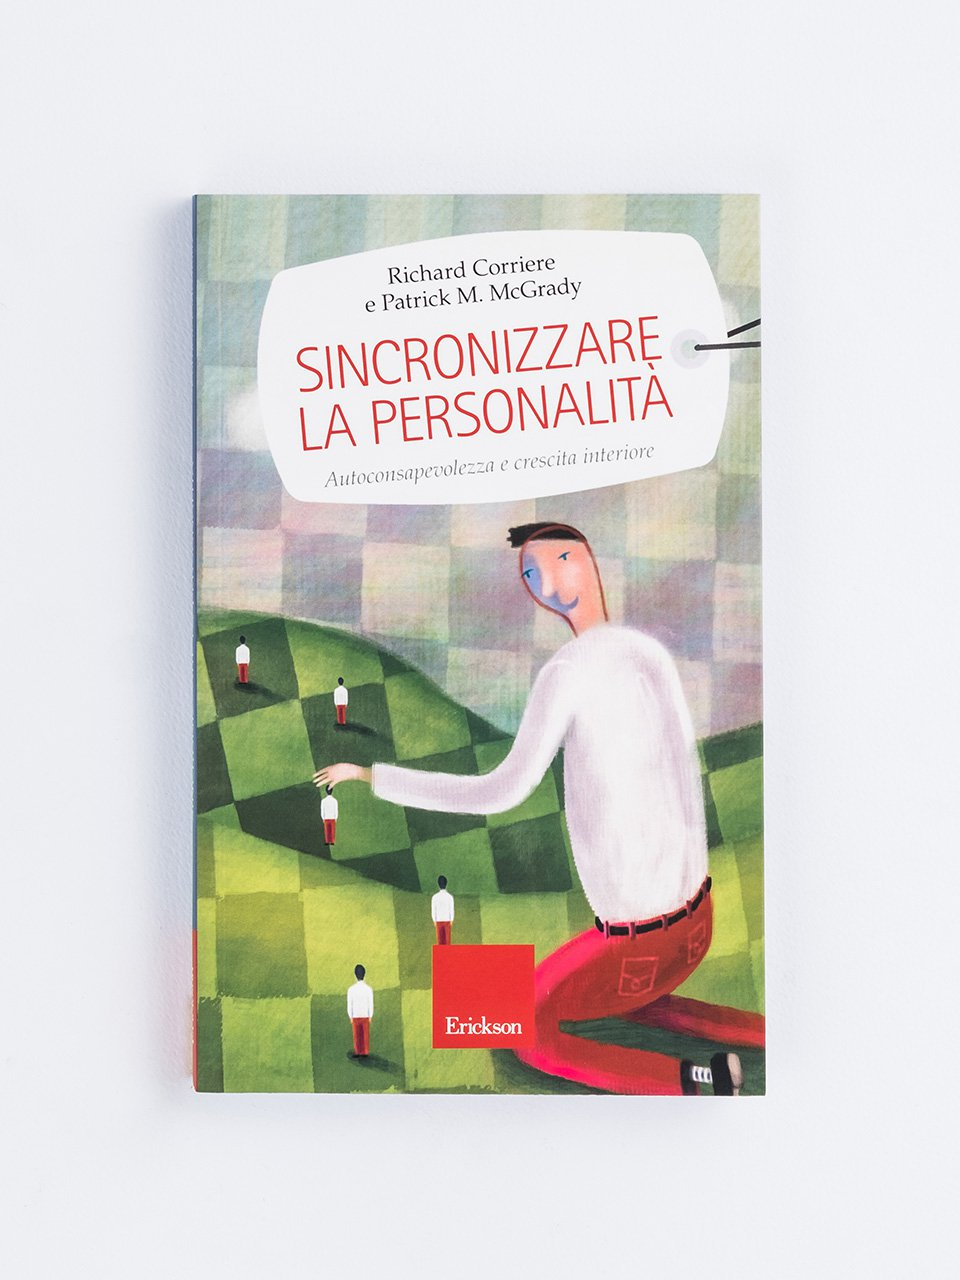 Sincronizzare la personalità - Self-help: libri sull'auto aiuto - Erickson